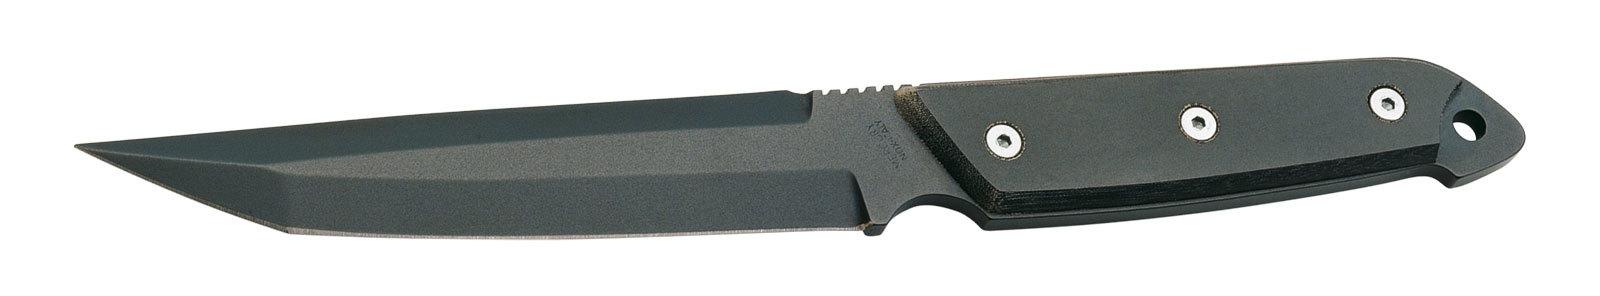 Фото 5 - Нож с фиксированным клинком Mercury Combat TEFLON® MY\9221-22T, сталь Z50CD15 тефлон, черная микарта